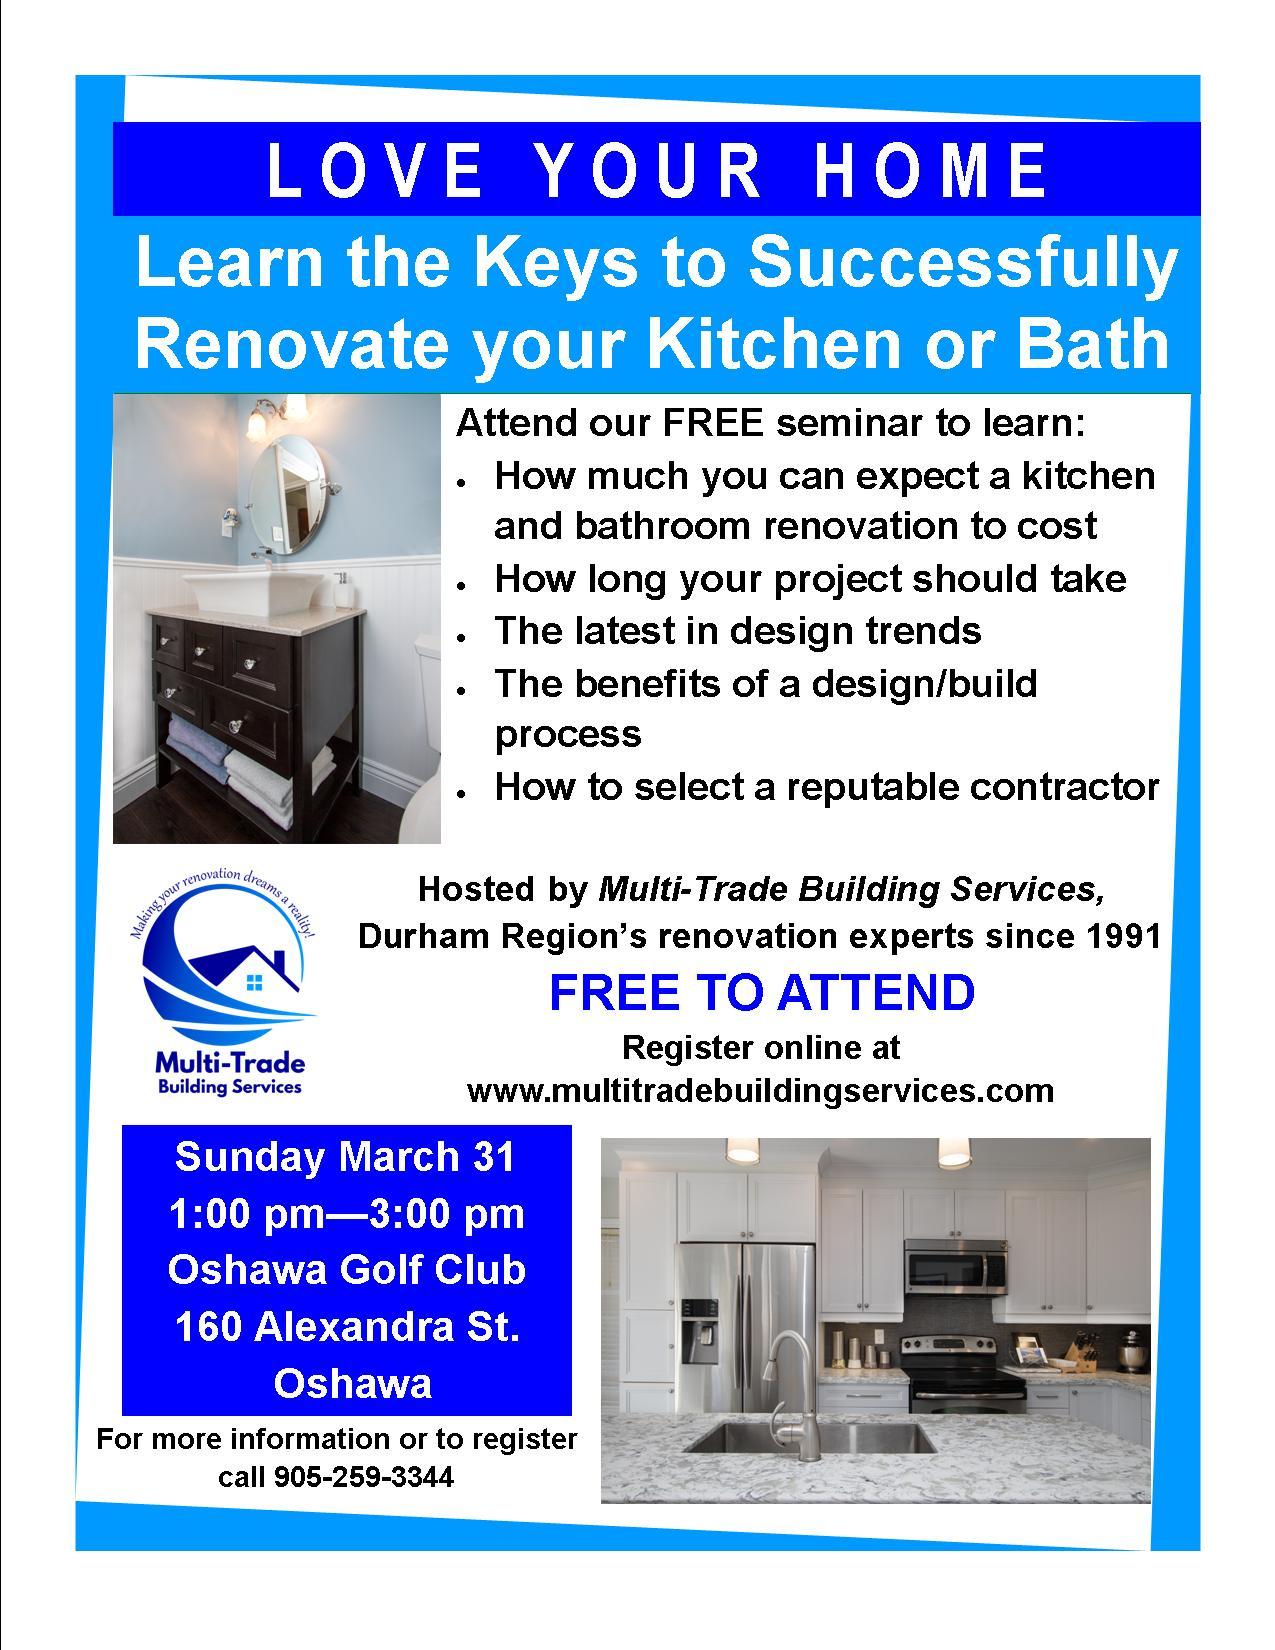 love your home seminar mar 31.jpg